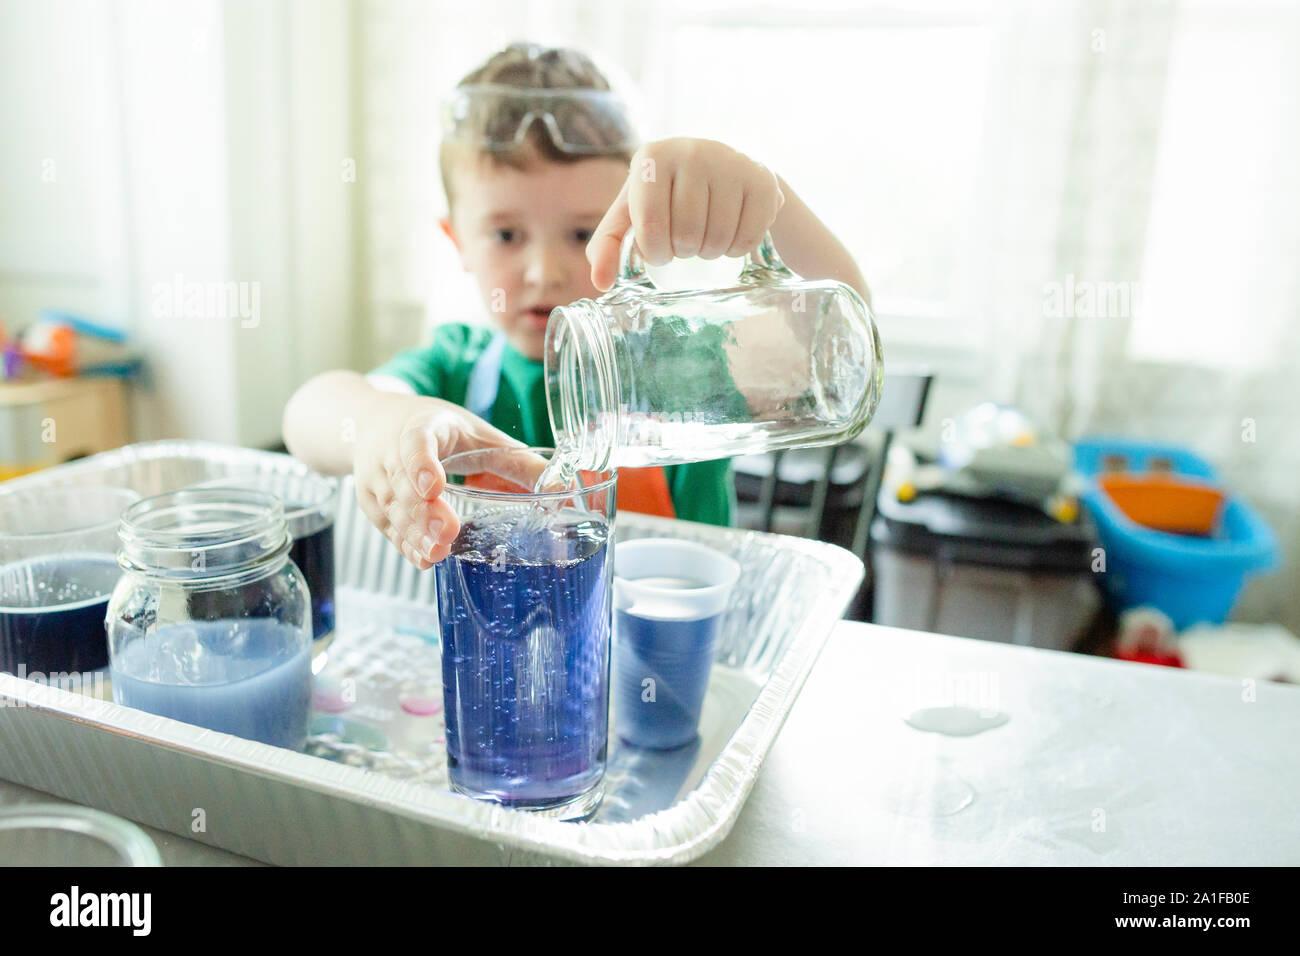 Elementare alter Junge gießt Wasser in ein Glas während Du einen Stamm Projekt Stockfoto